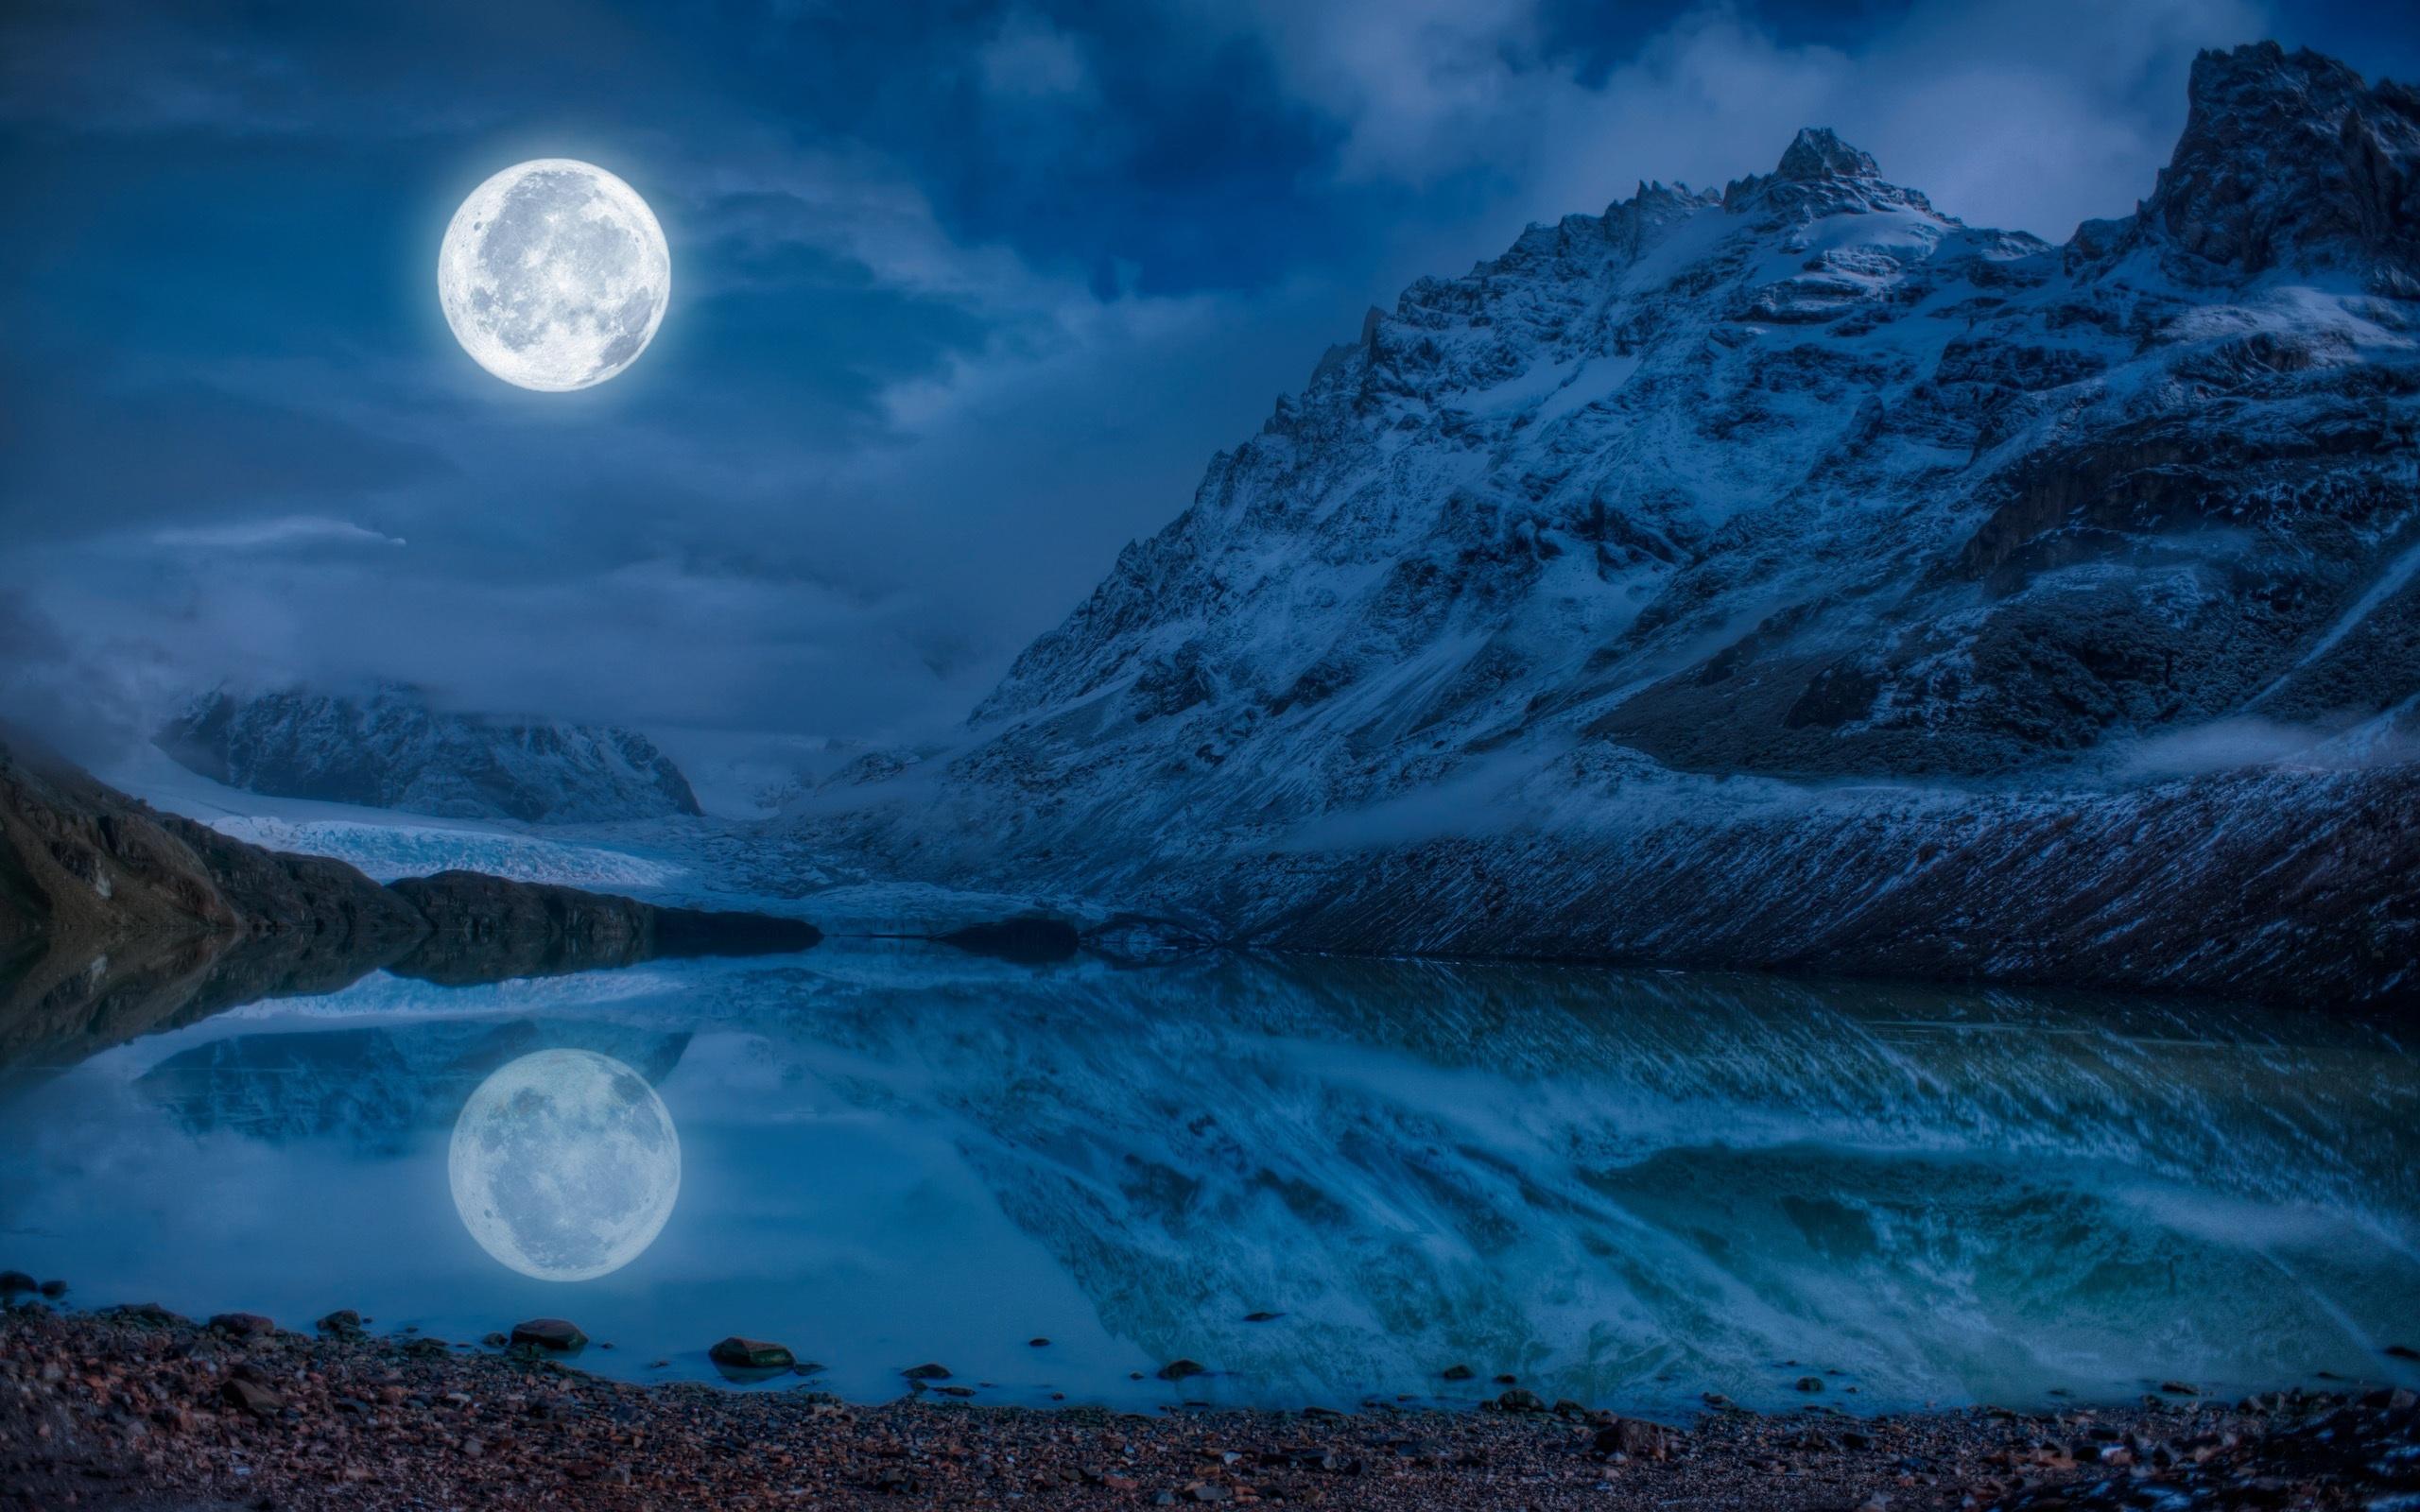 壁紙 2560x1600 風景写真 山 湖 月 夜 倒影 自然 ダウンロード 写真